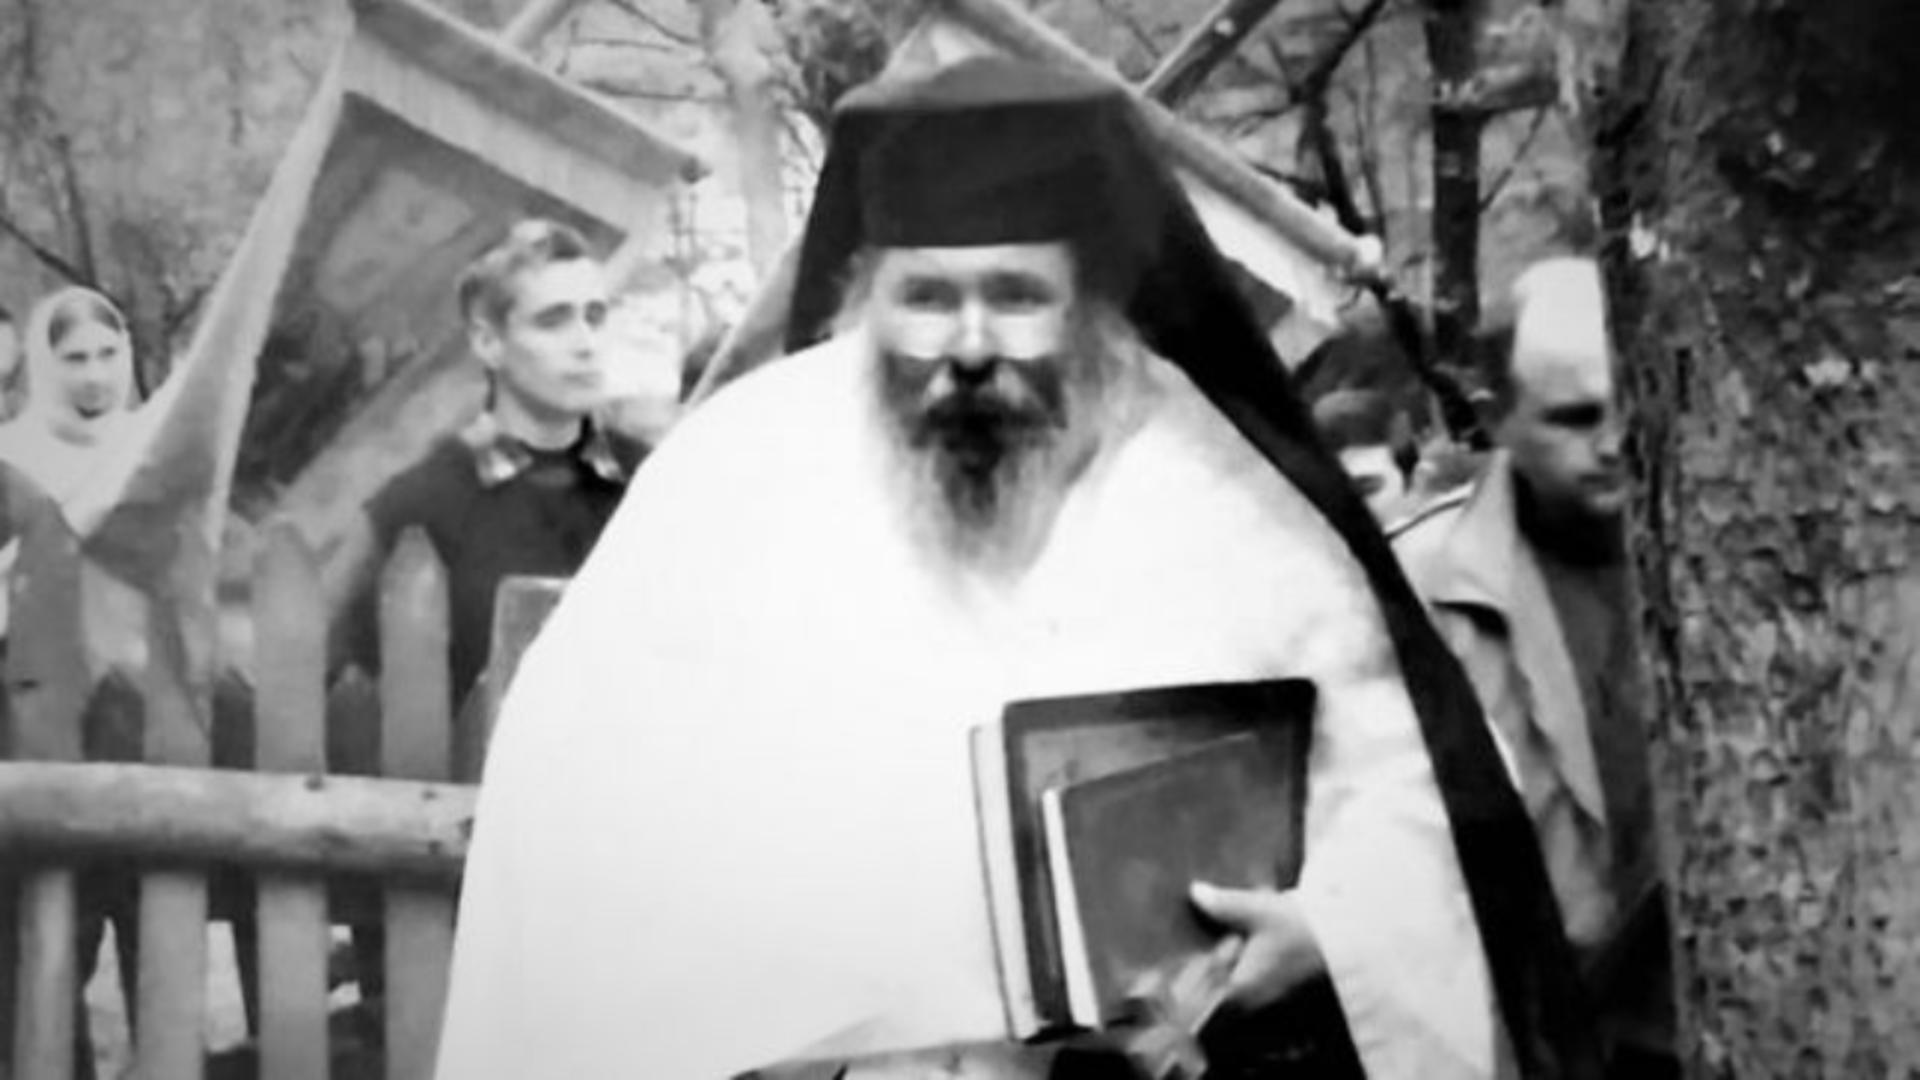 Doliu în lumea bisericească: un fost stareț al Mănăstirii Peștera Sfântului Andrei a murit